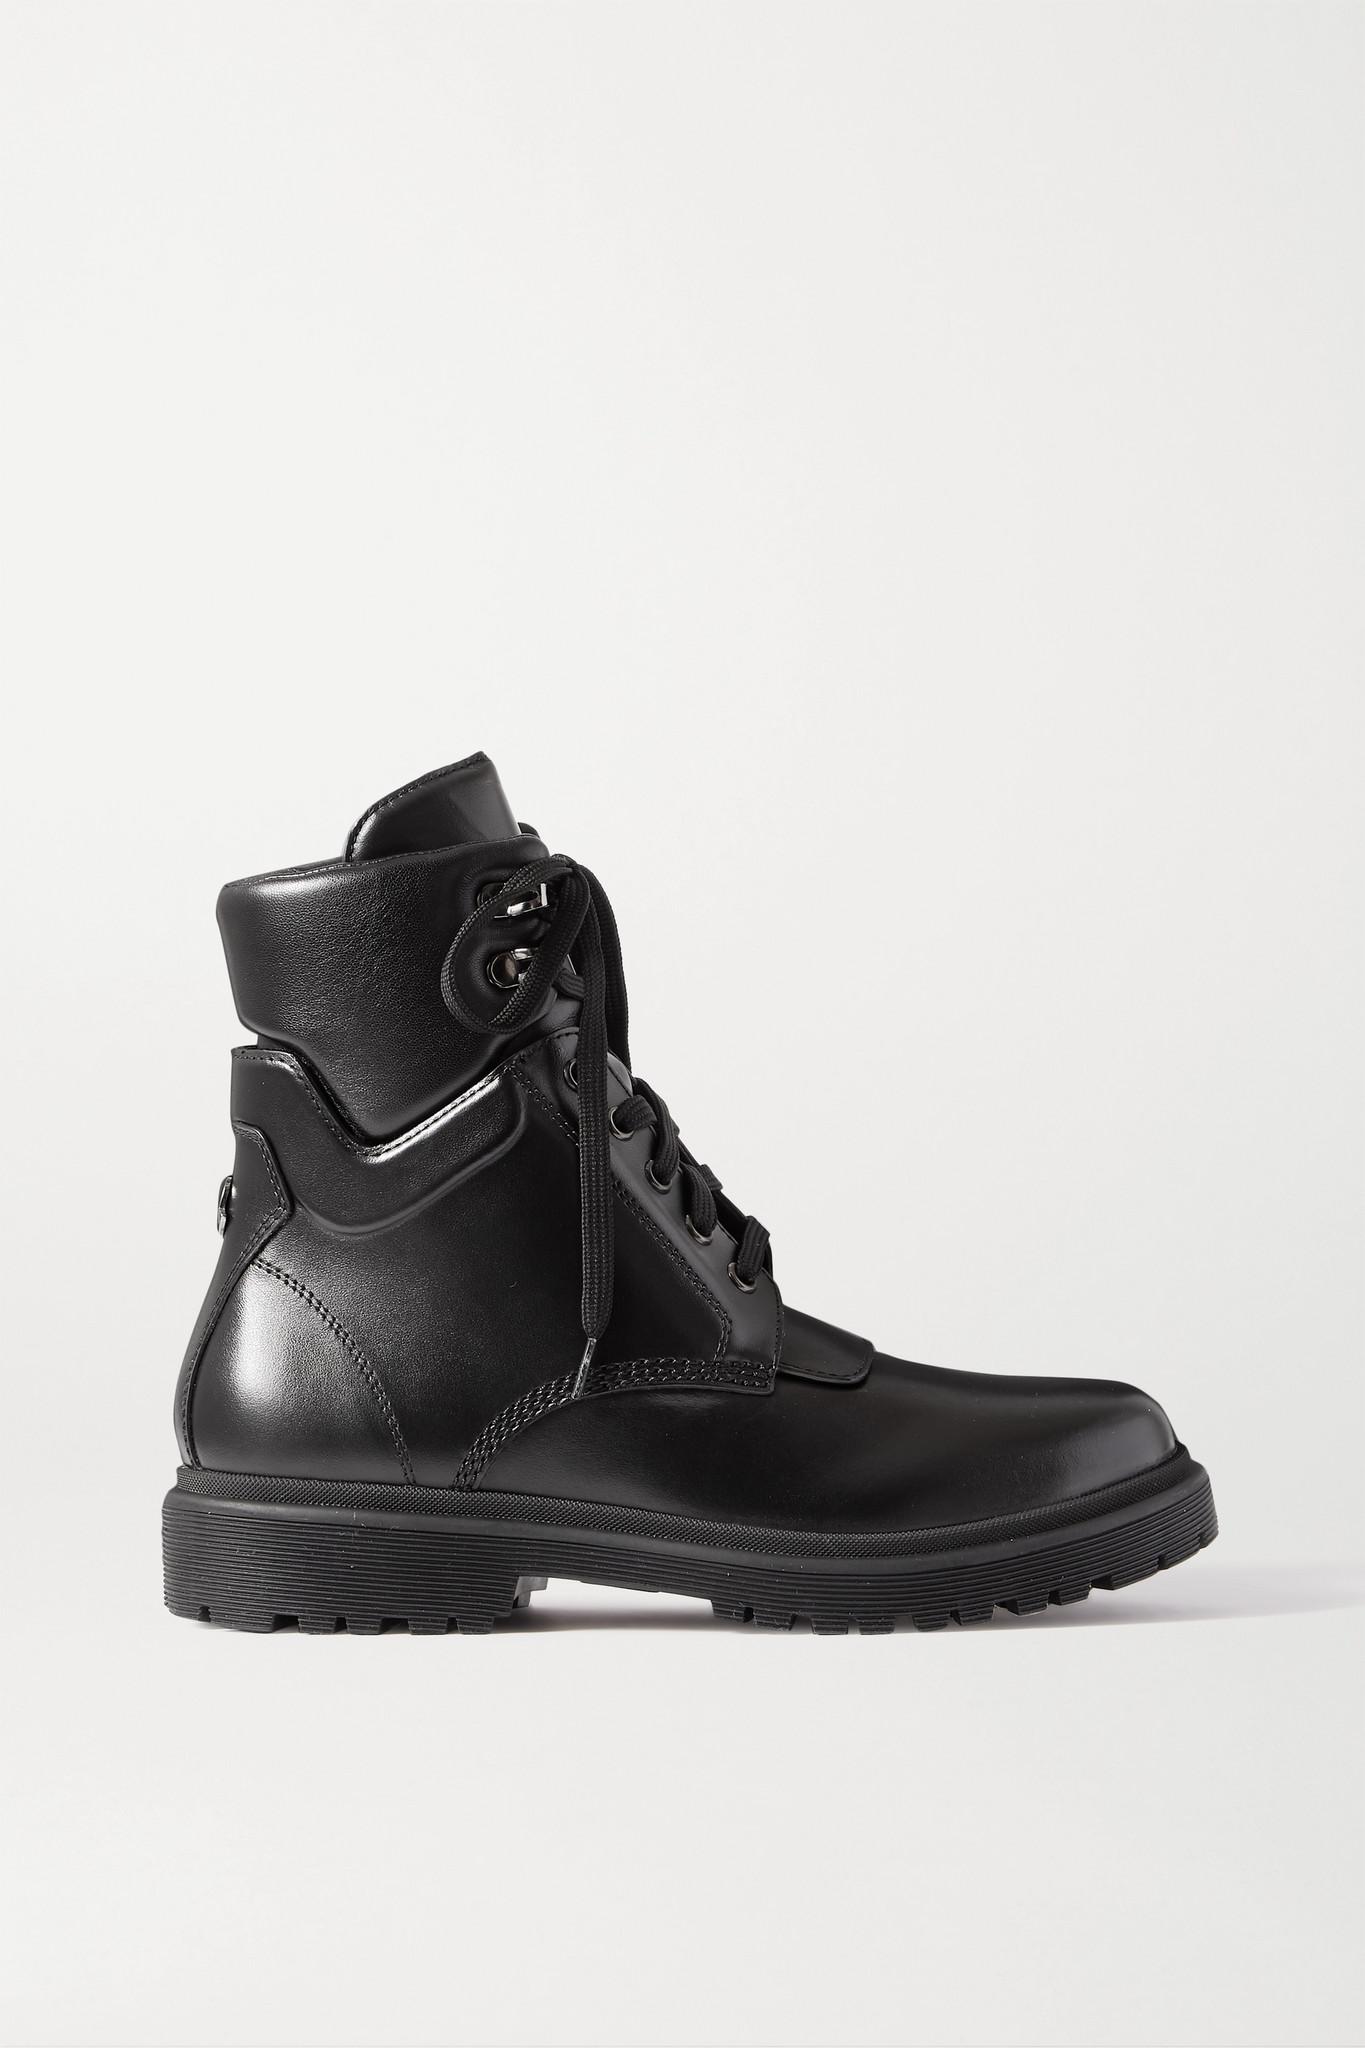 MONCLER - Patty 皮革踝靴 - 黑色 - IT40